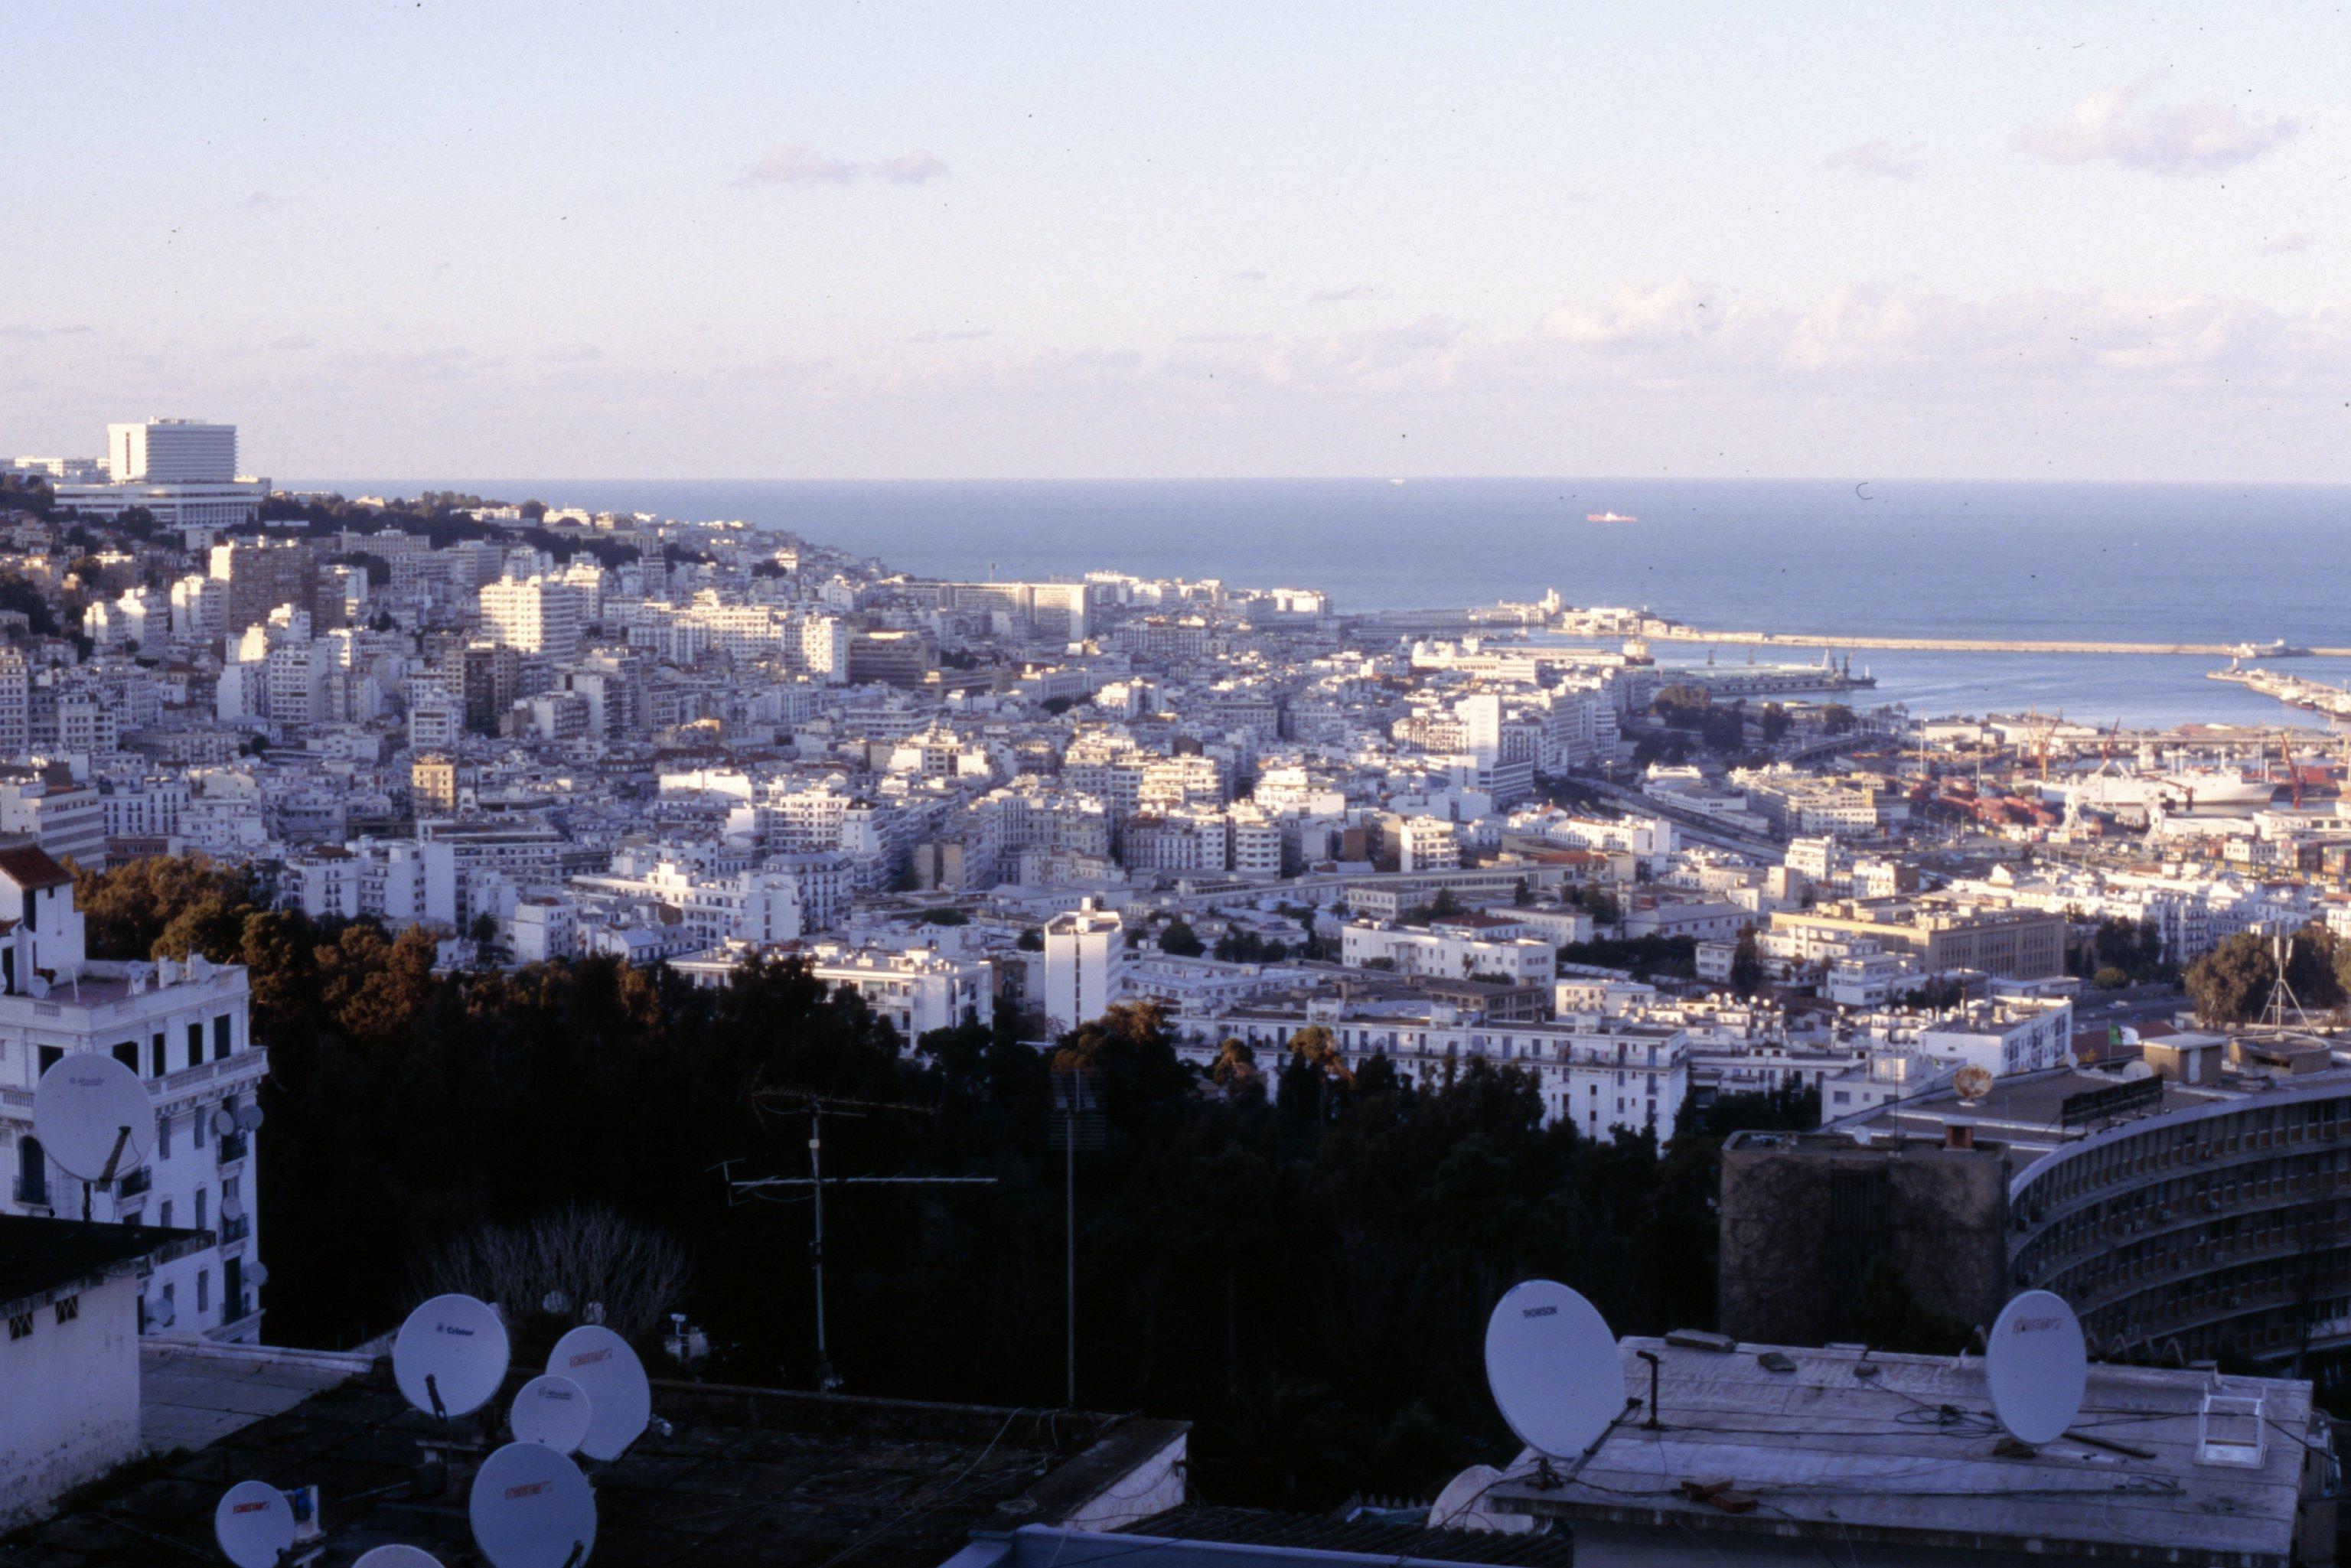 Fichier:Algiers Algeria.jpg - Wikipédia